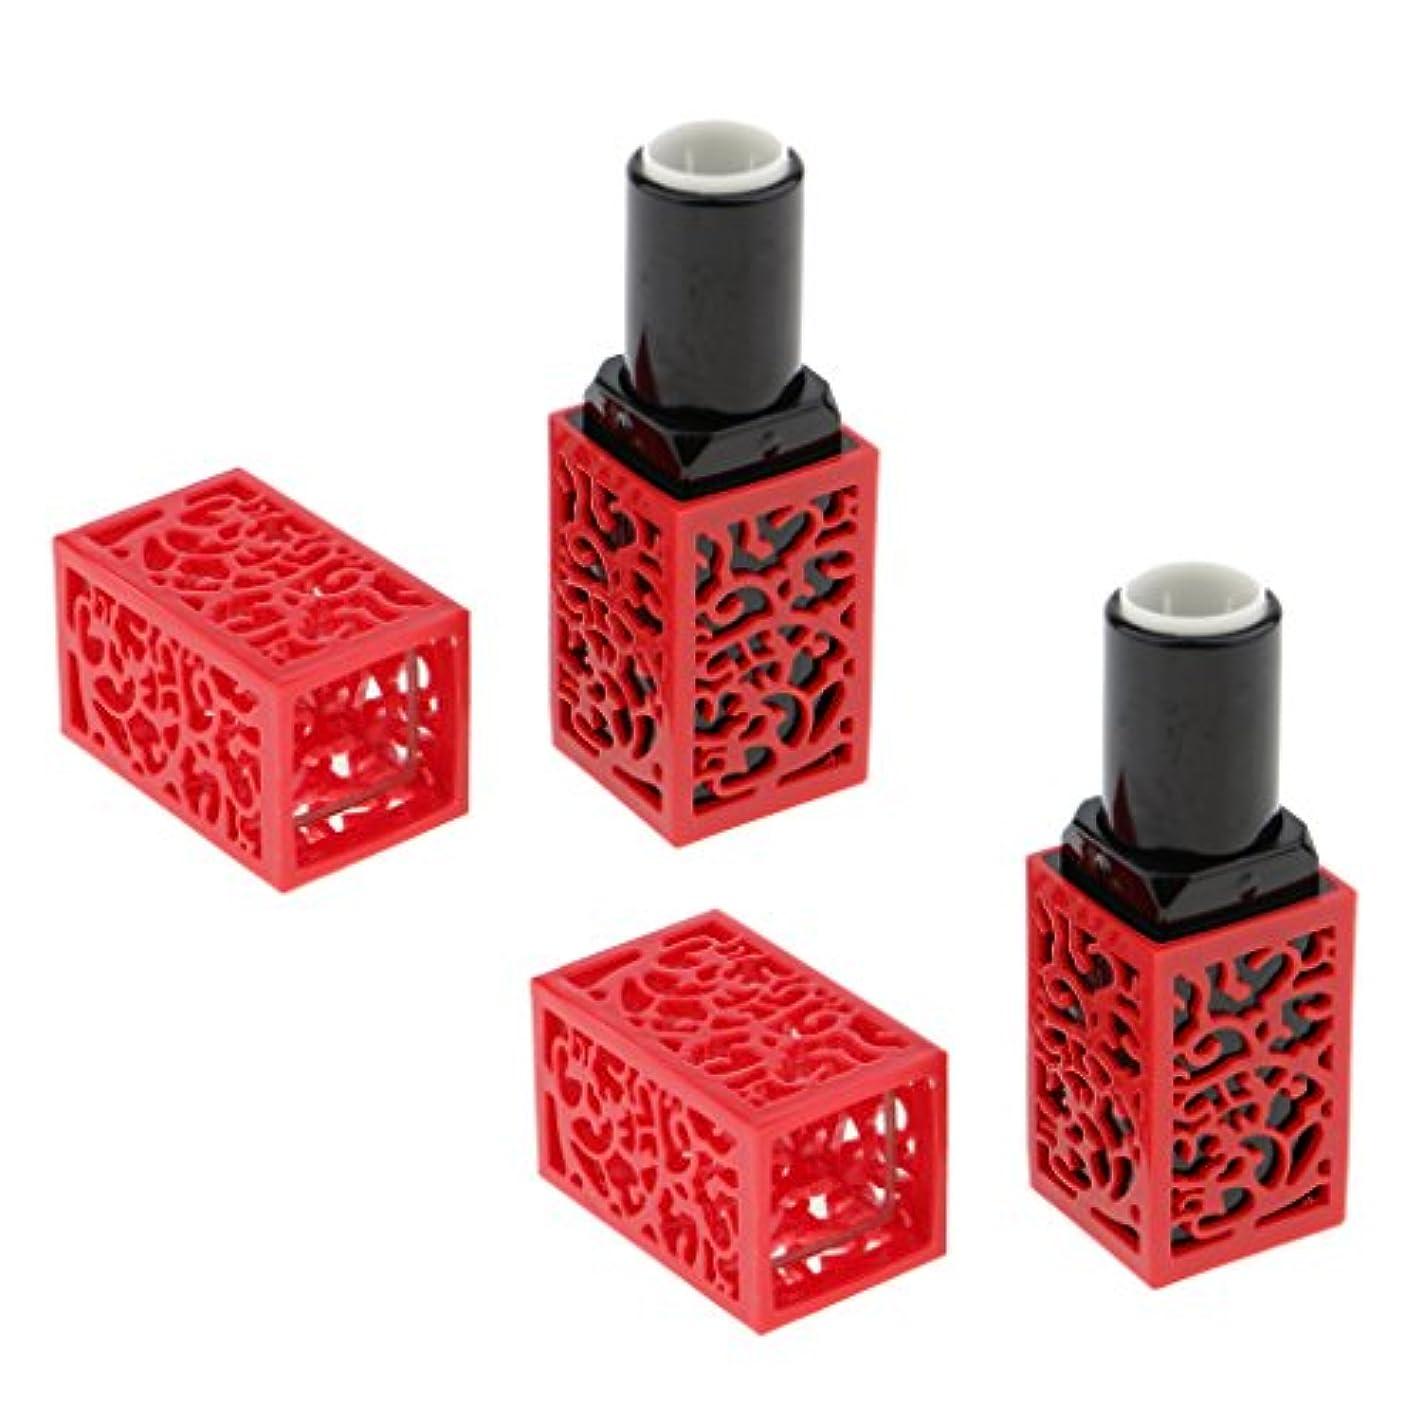 アカデミー触覚実り多いSharplace おしゃれ 口紅チューブ リップスティックチューブ 内径1.21cm 金型 手作り 2個 全2色 - 赤